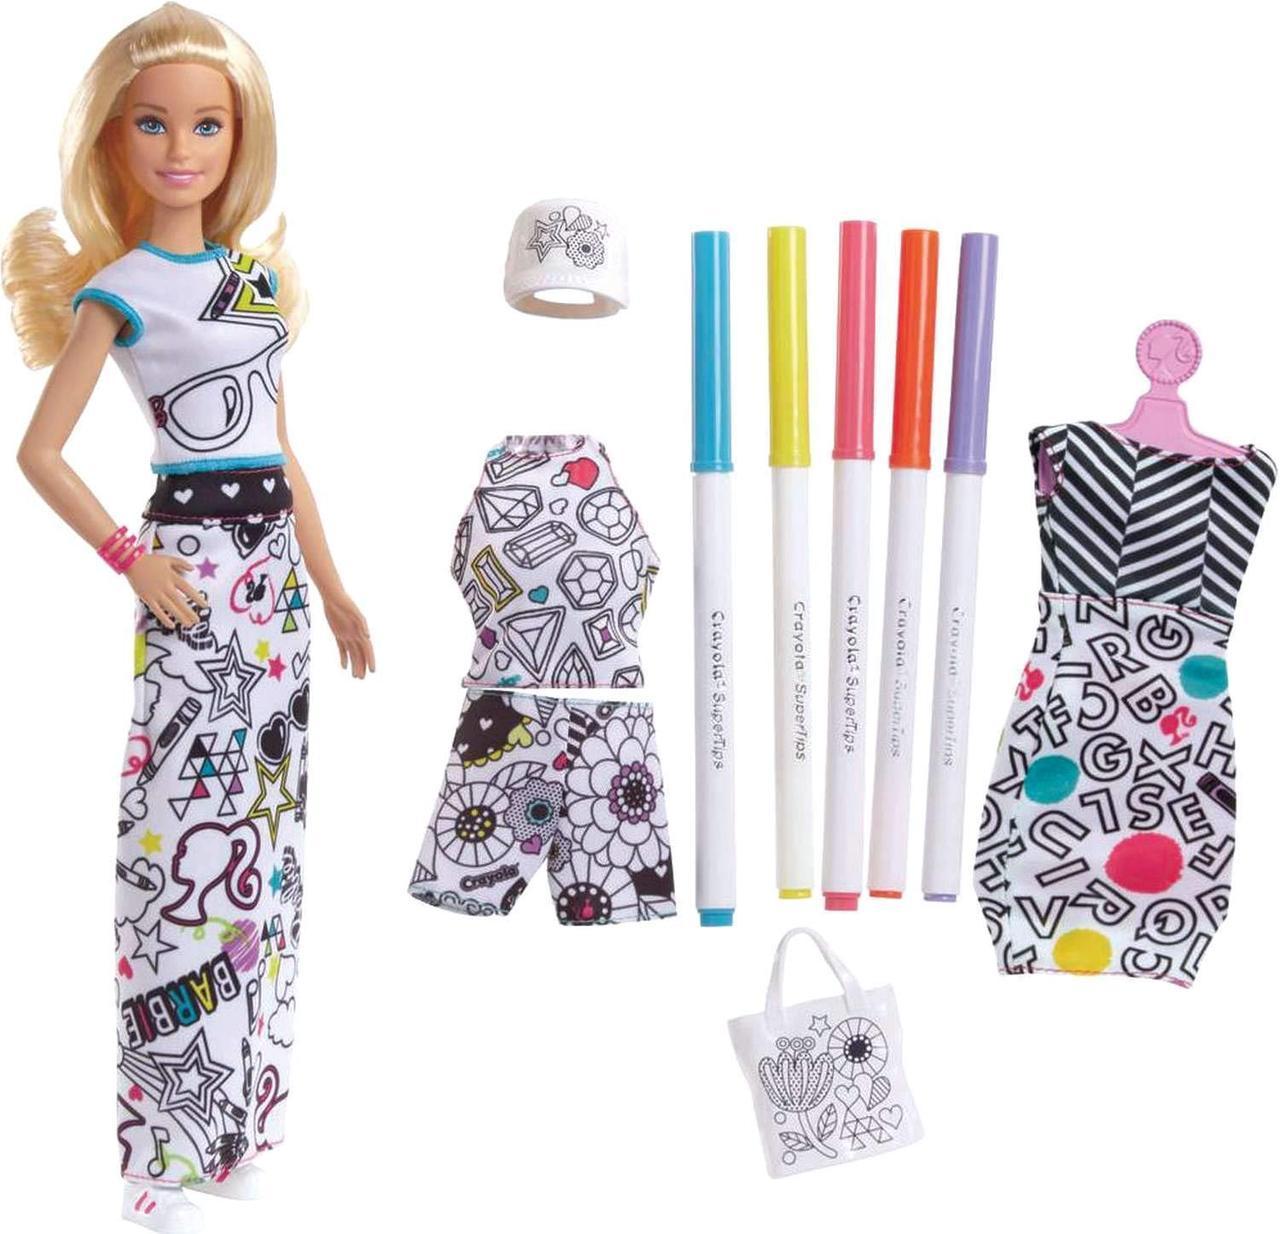 Кукла Барби Модный дизайнер раскраска одежды Блондинка Barbie Crayola Color-in Fashions Blonde